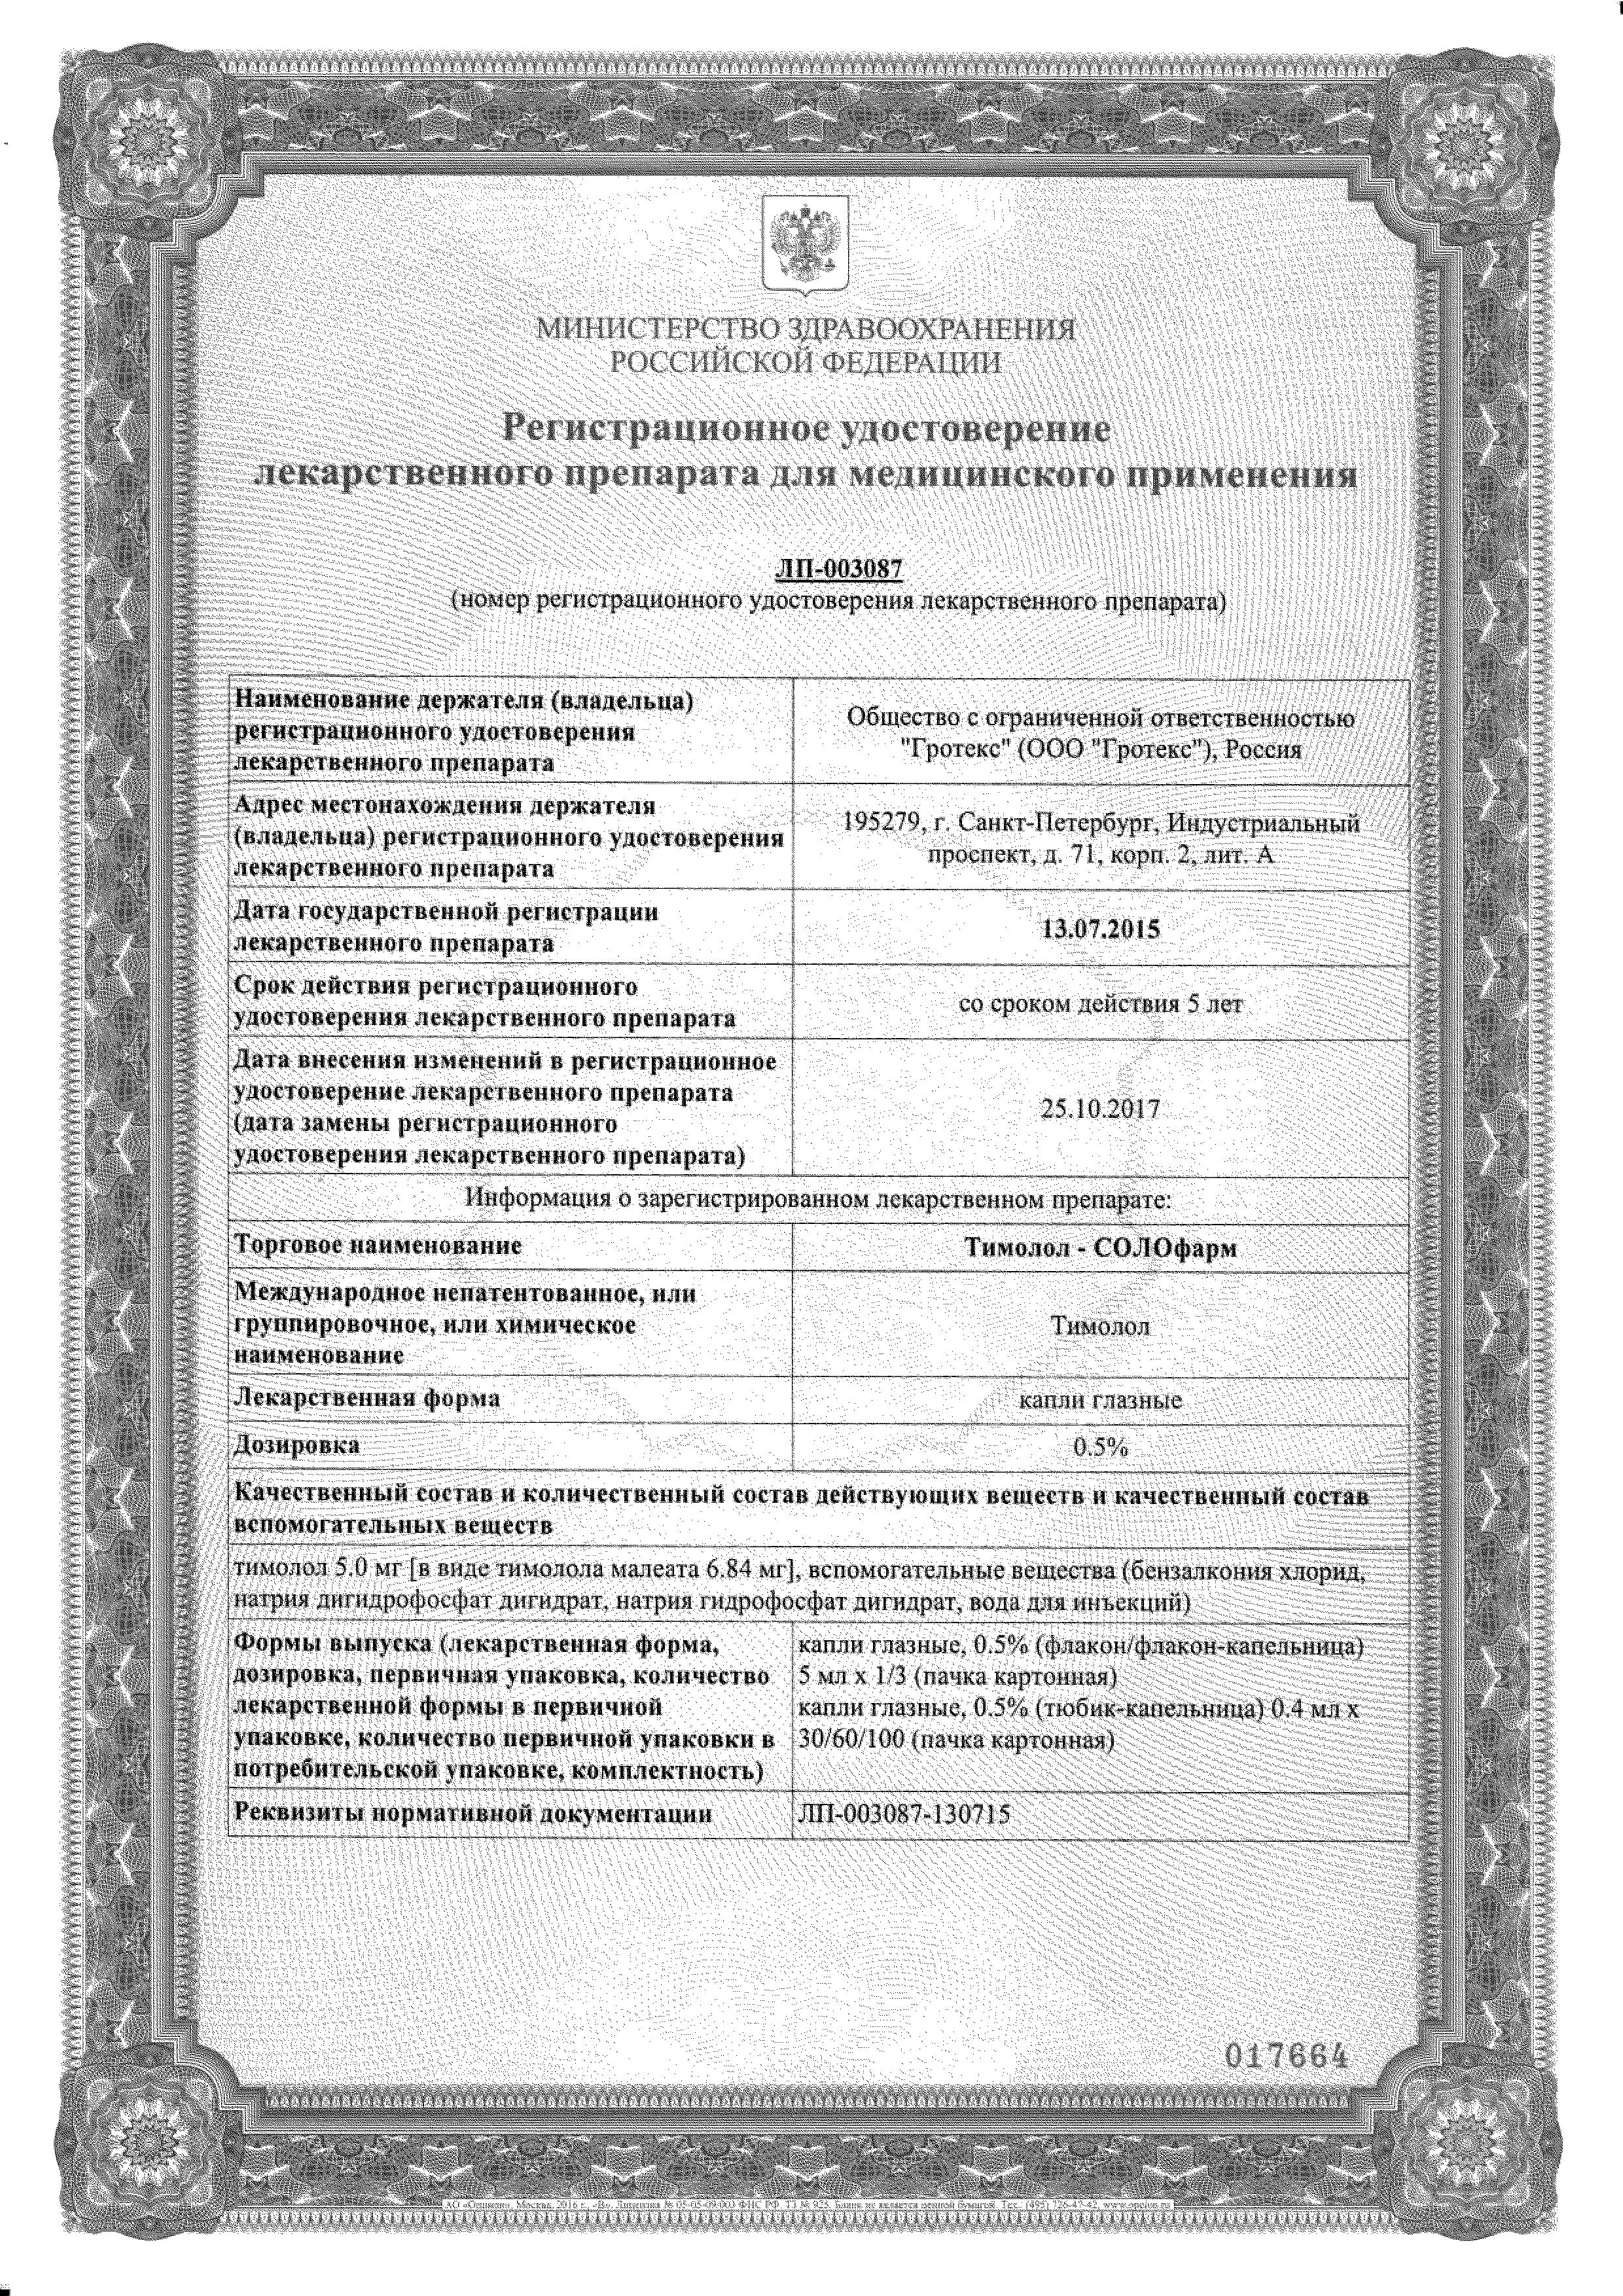 Тимолол-СОЛОфарм сертификат